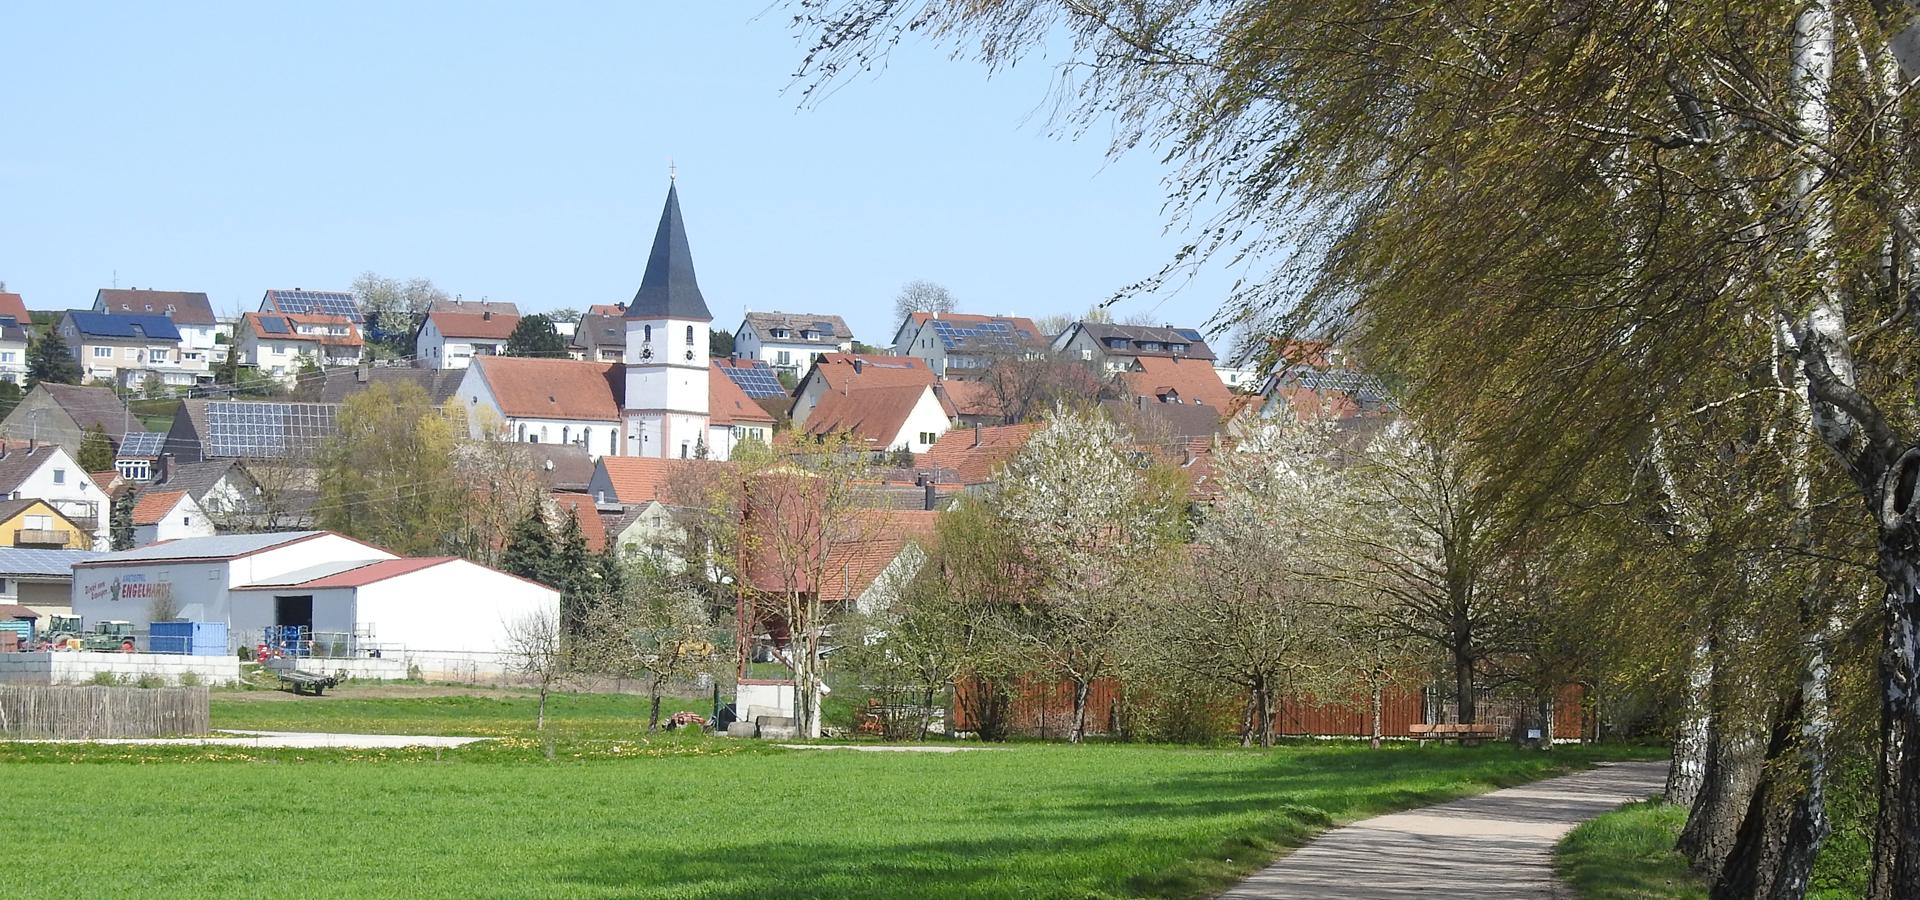 <b>Hainsfarth, Bavaria, Germany</b>